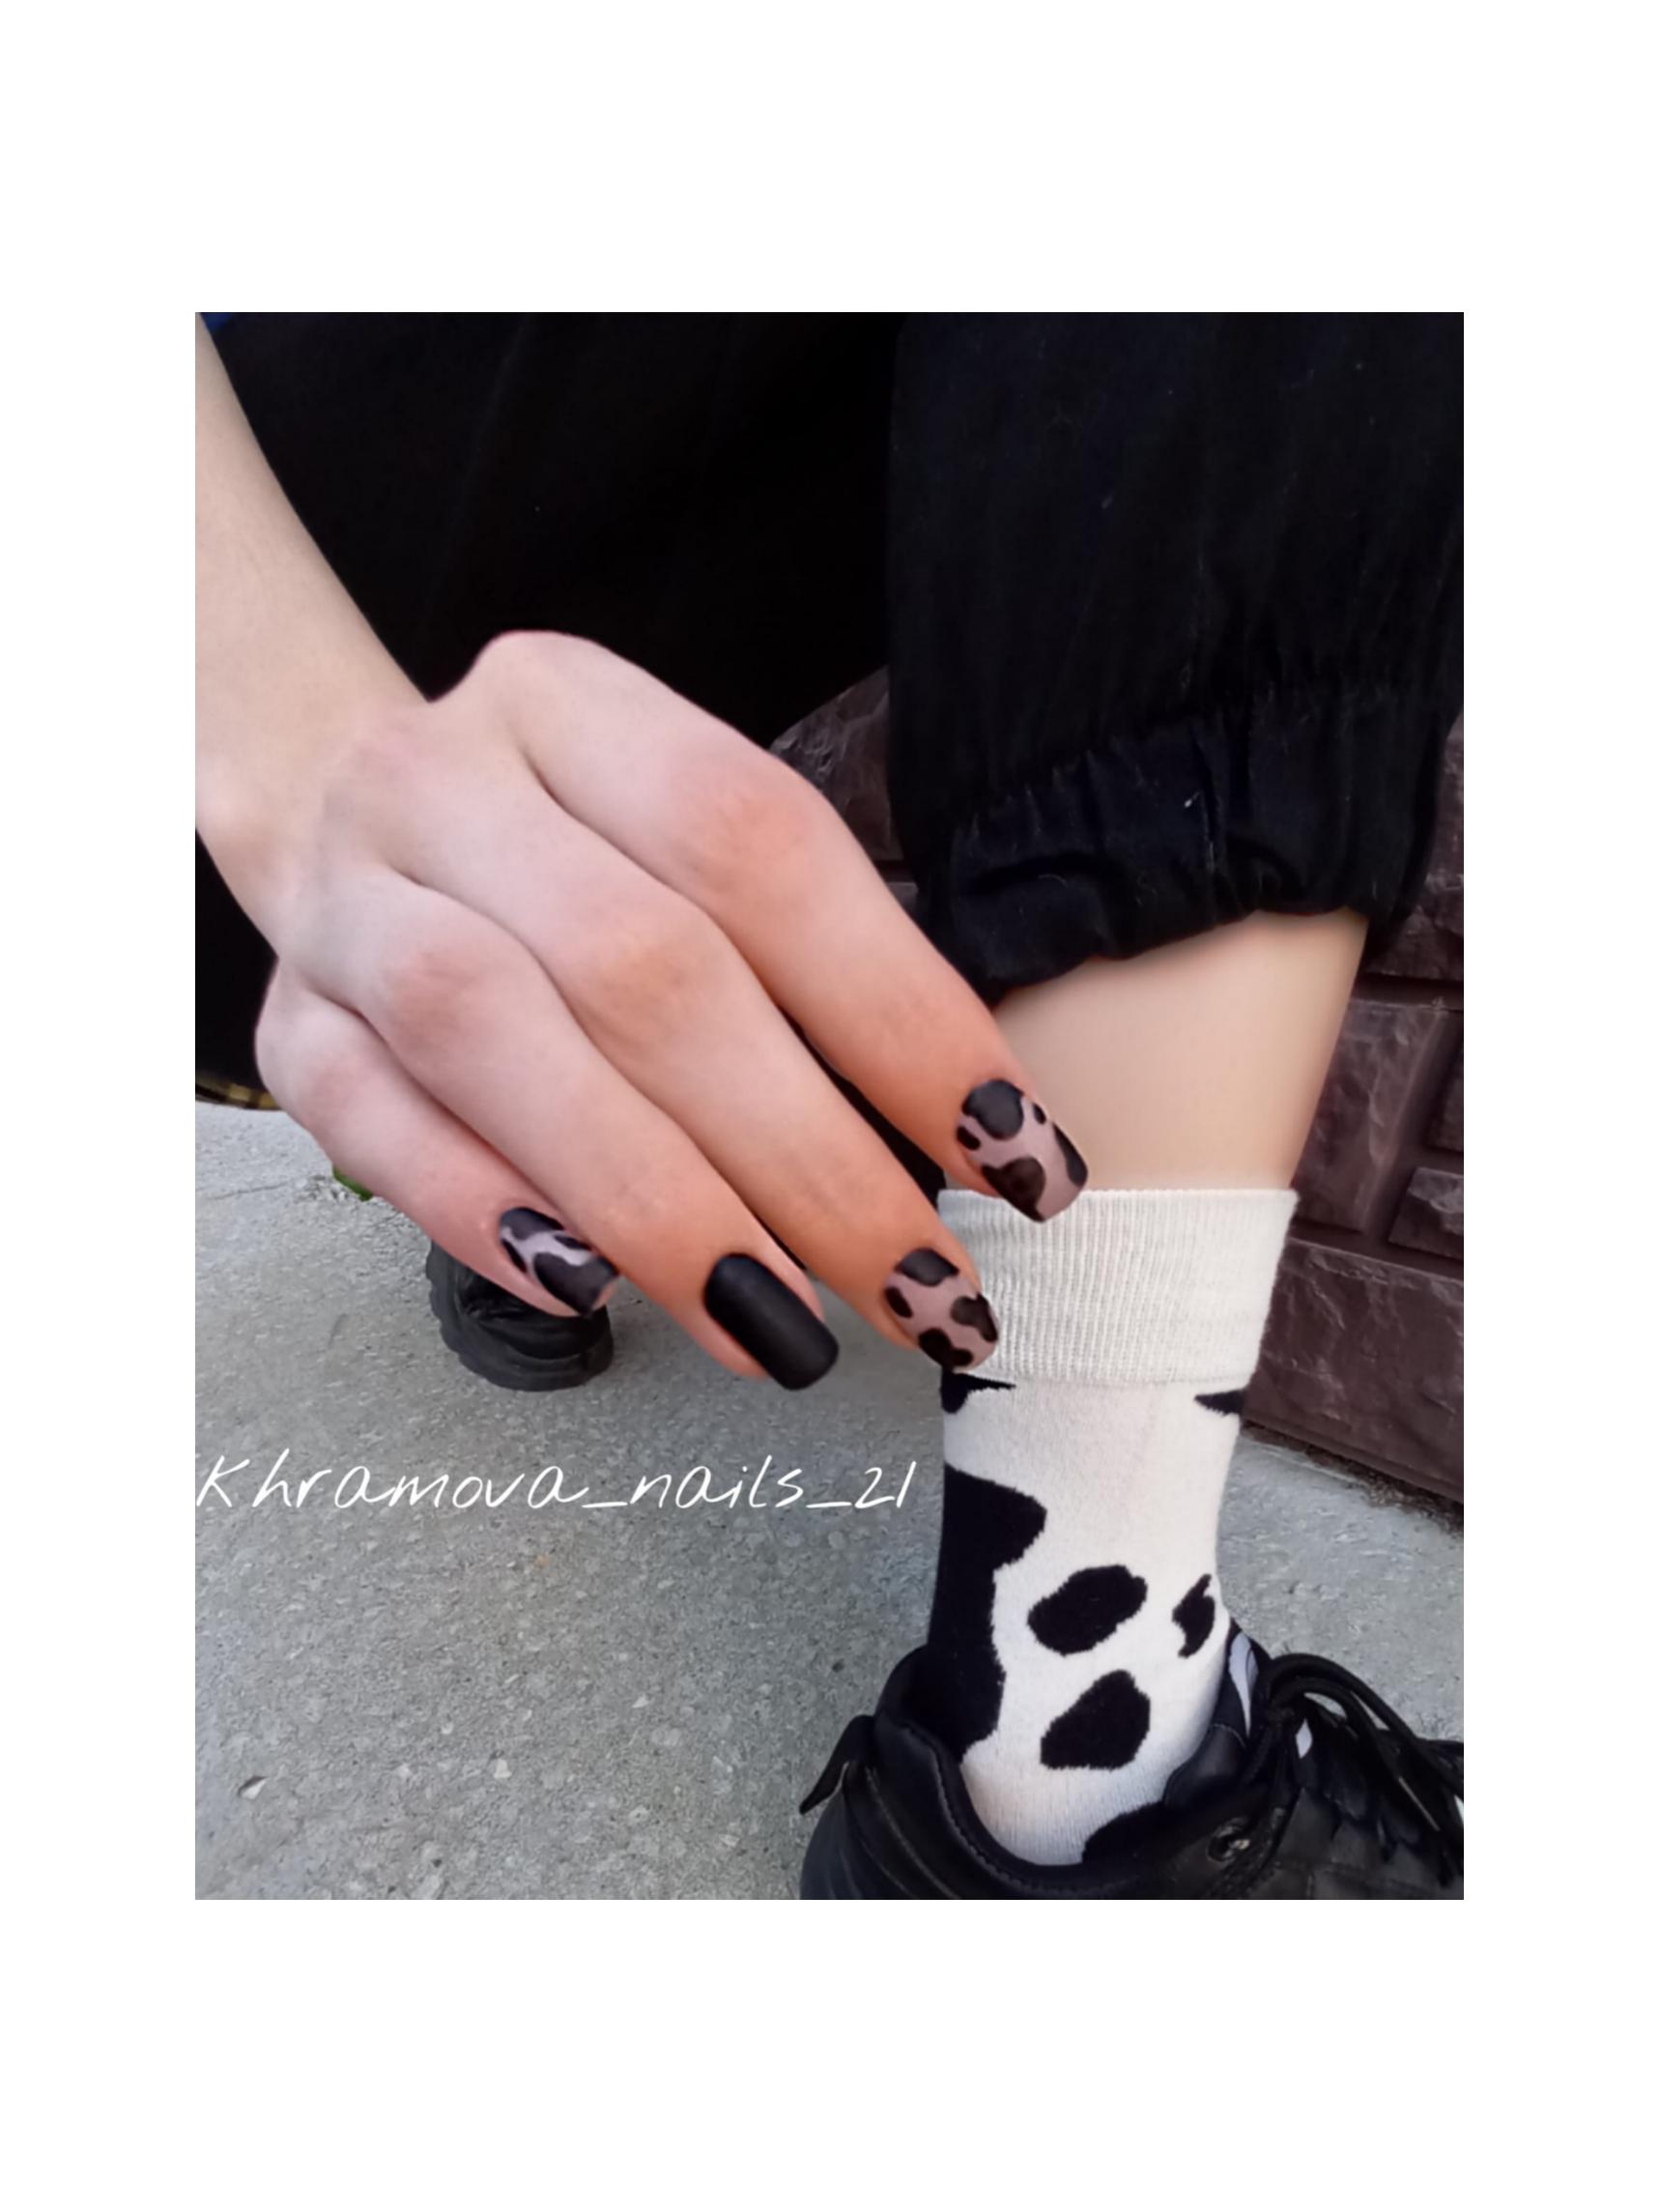 Матовый маникюр с анималистичным принтом в черном цвете на короткие ногти.